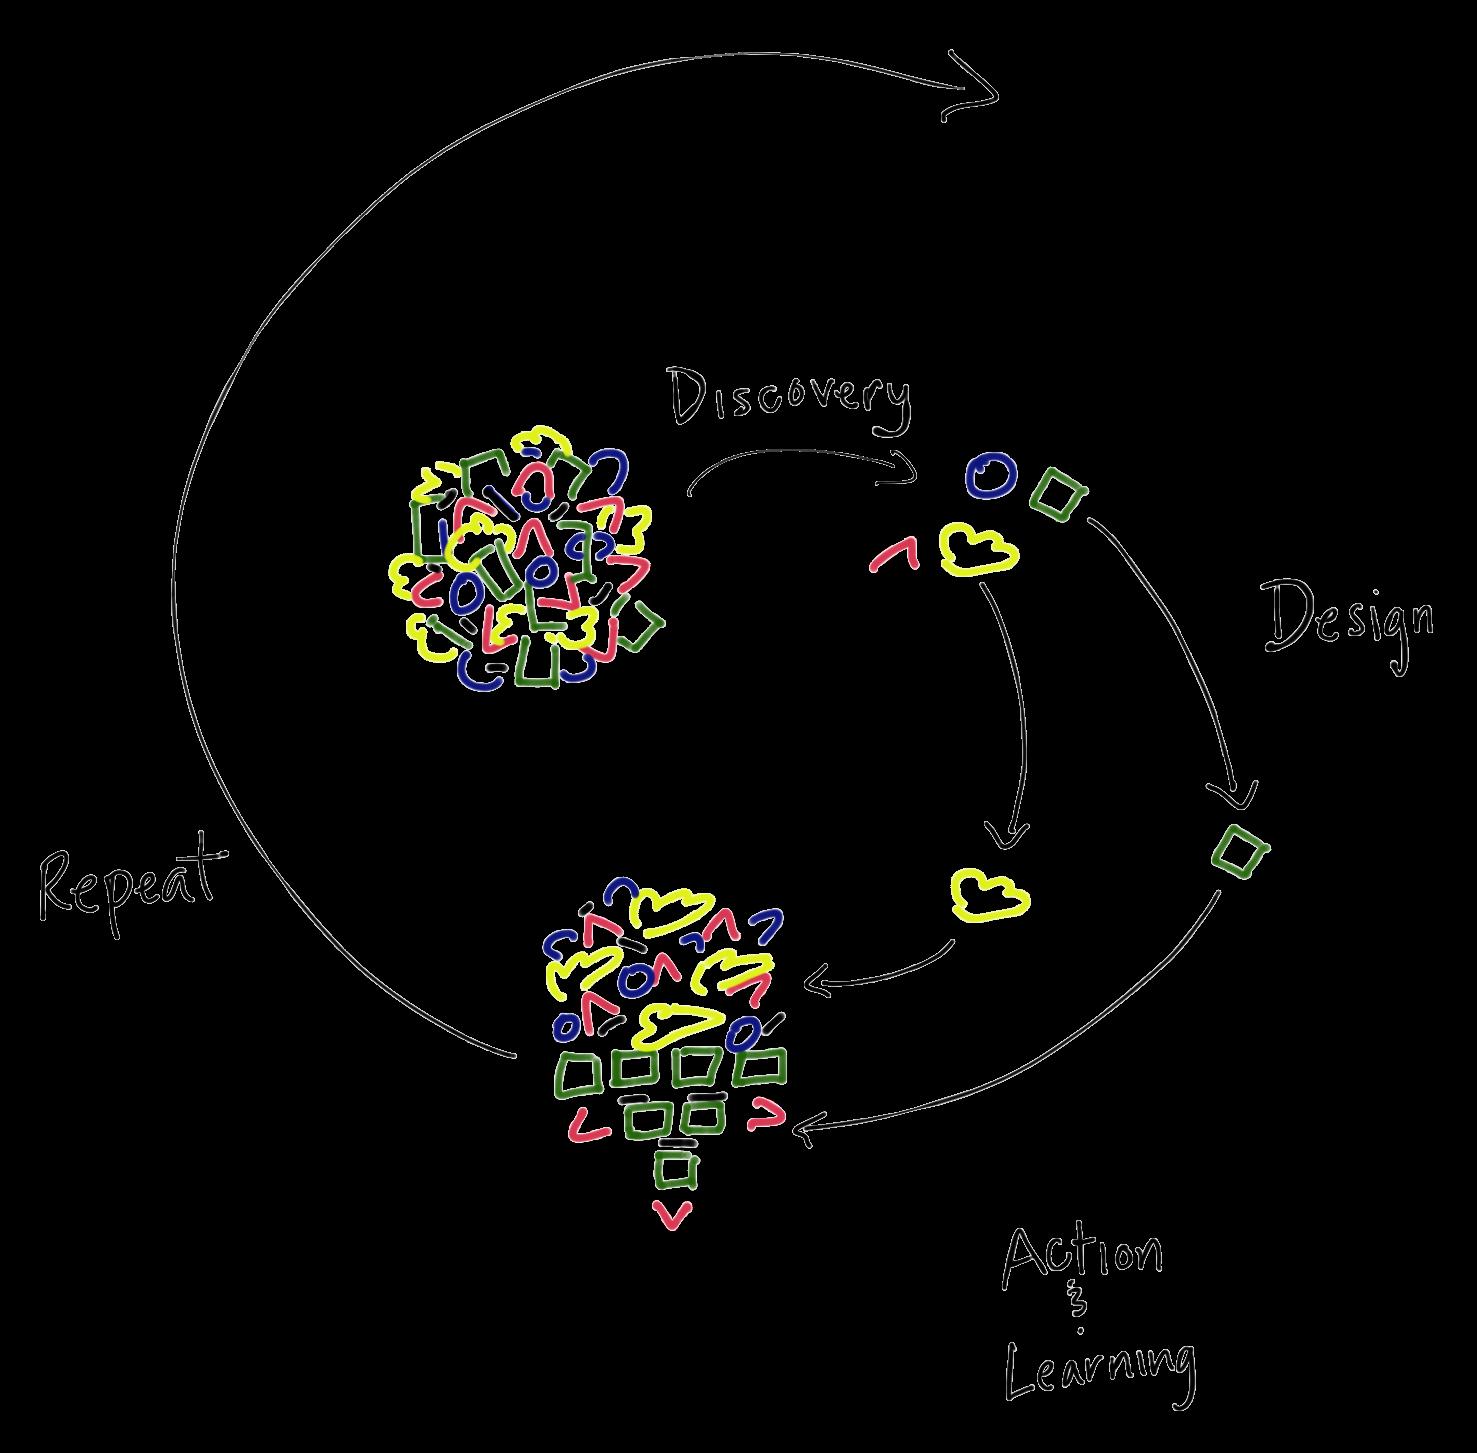 Diagram by Alison Lin